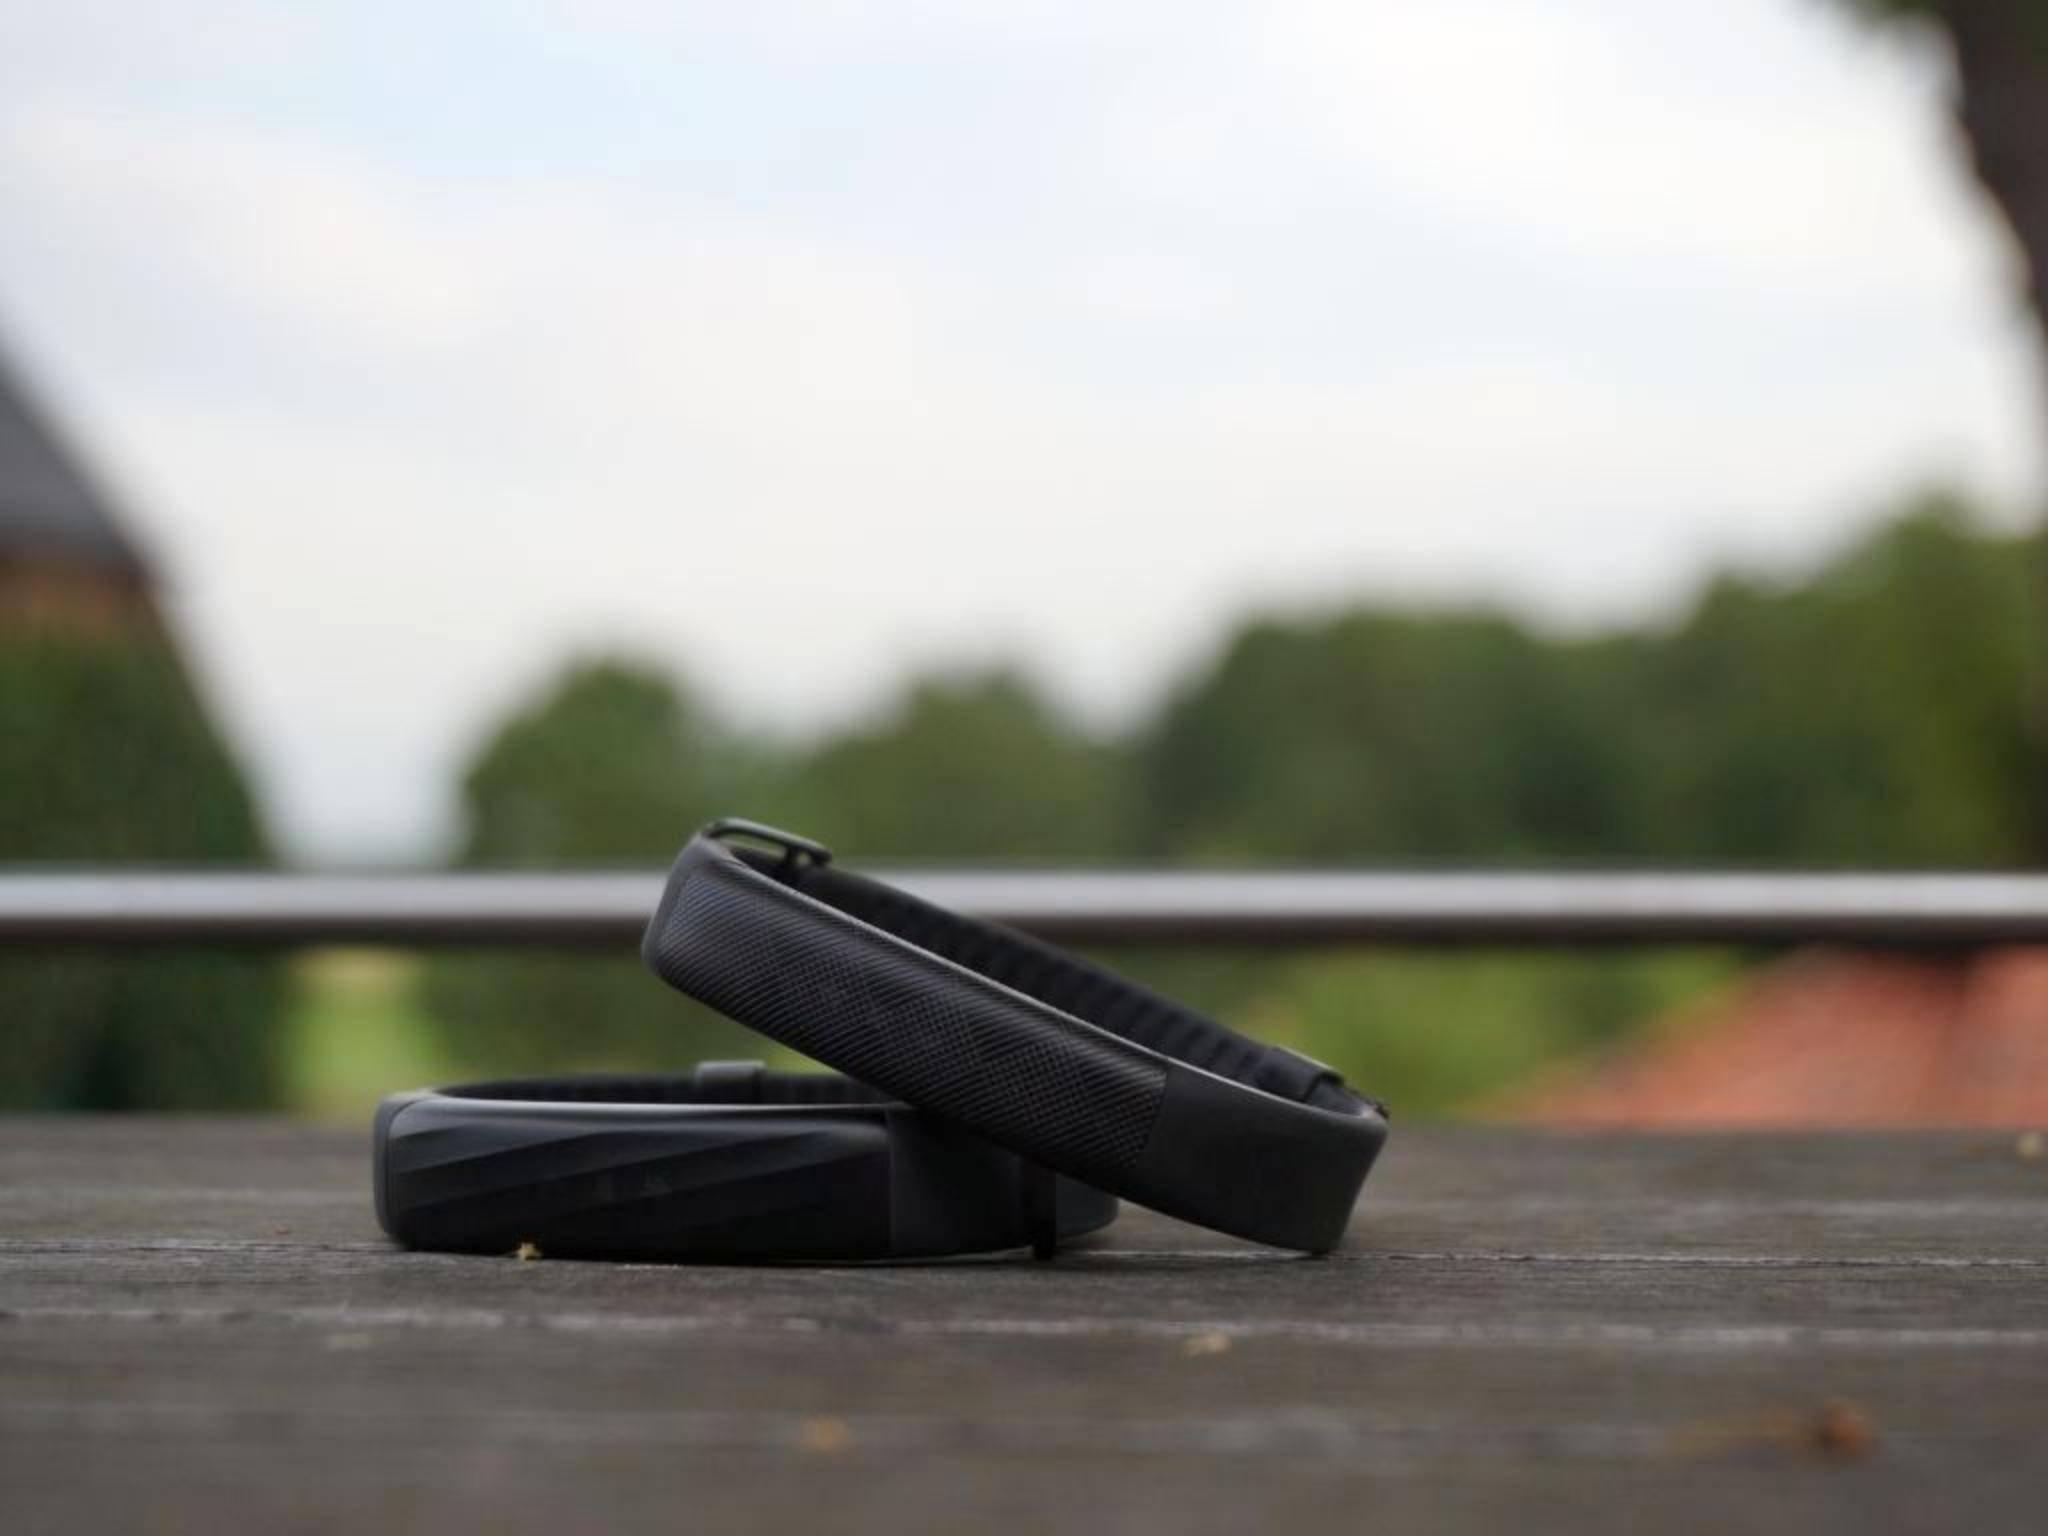 Beide Modelle besitzen eine steife Tracker-Einheit und ein flexibles Armband.